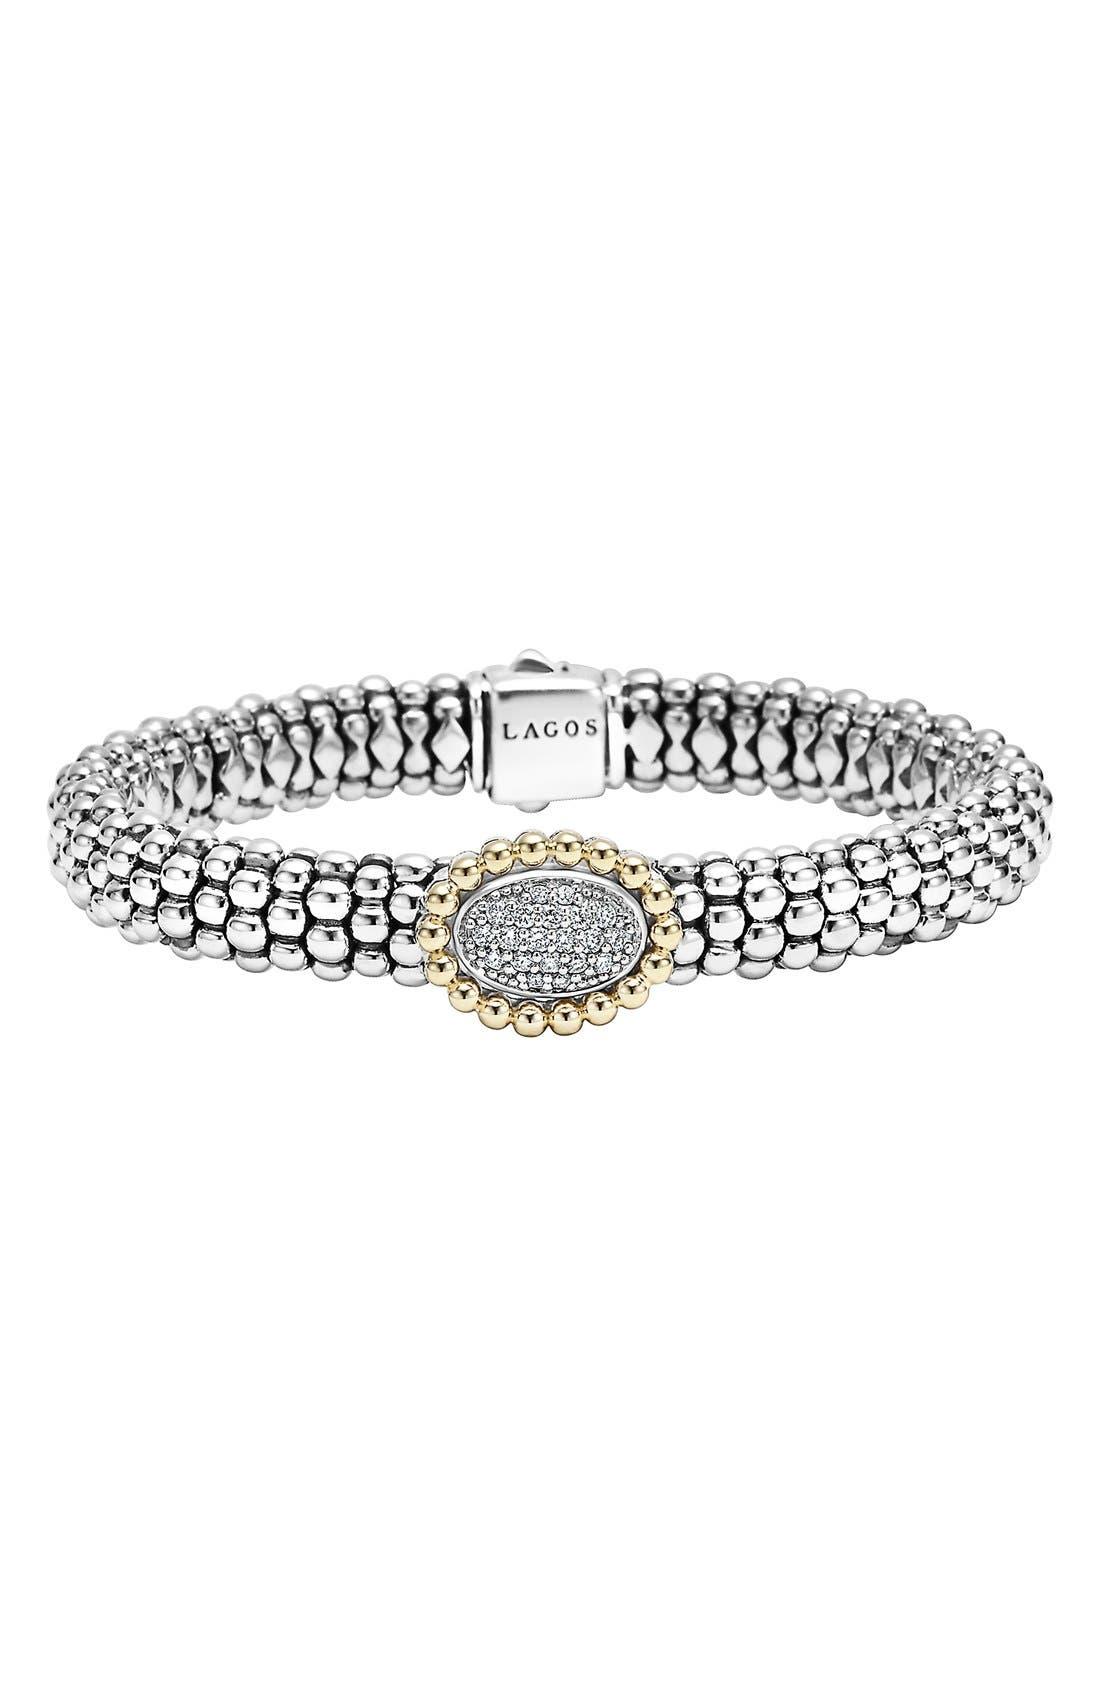 Main Image - LAGOS 'Caviar' Diamond Bracelet